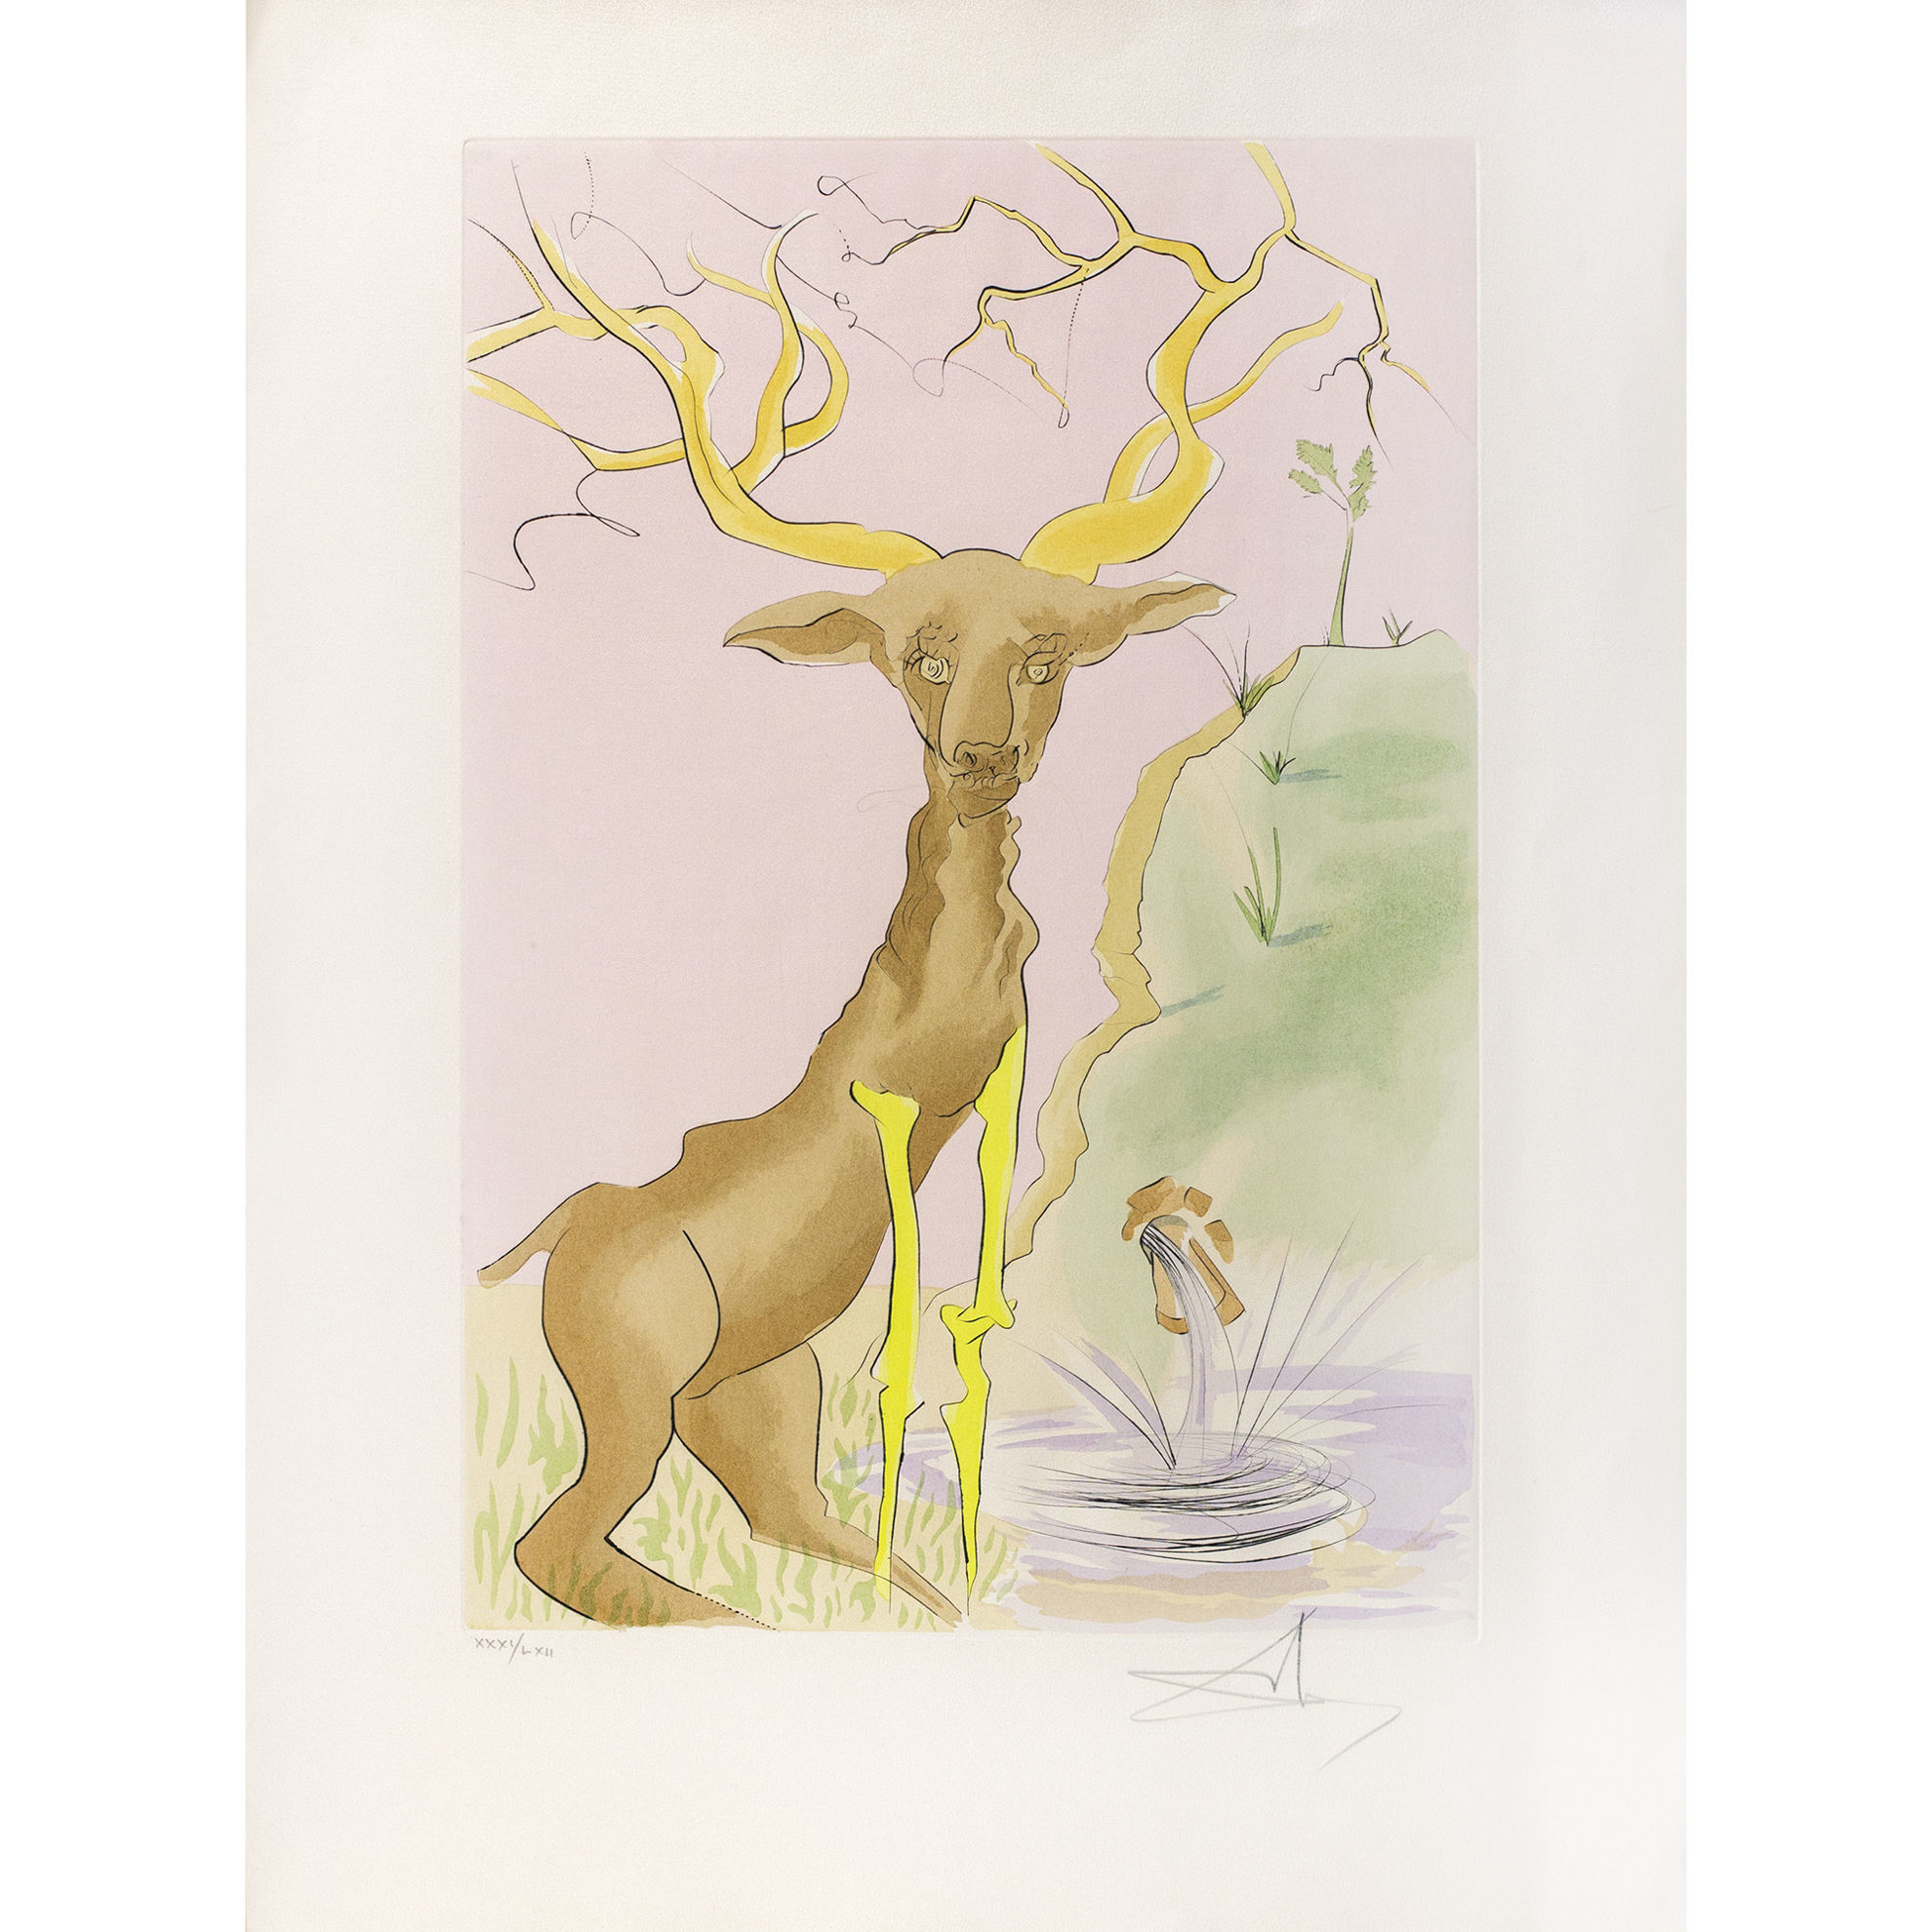 Immagine di Le cerf se vojant dans l'eau